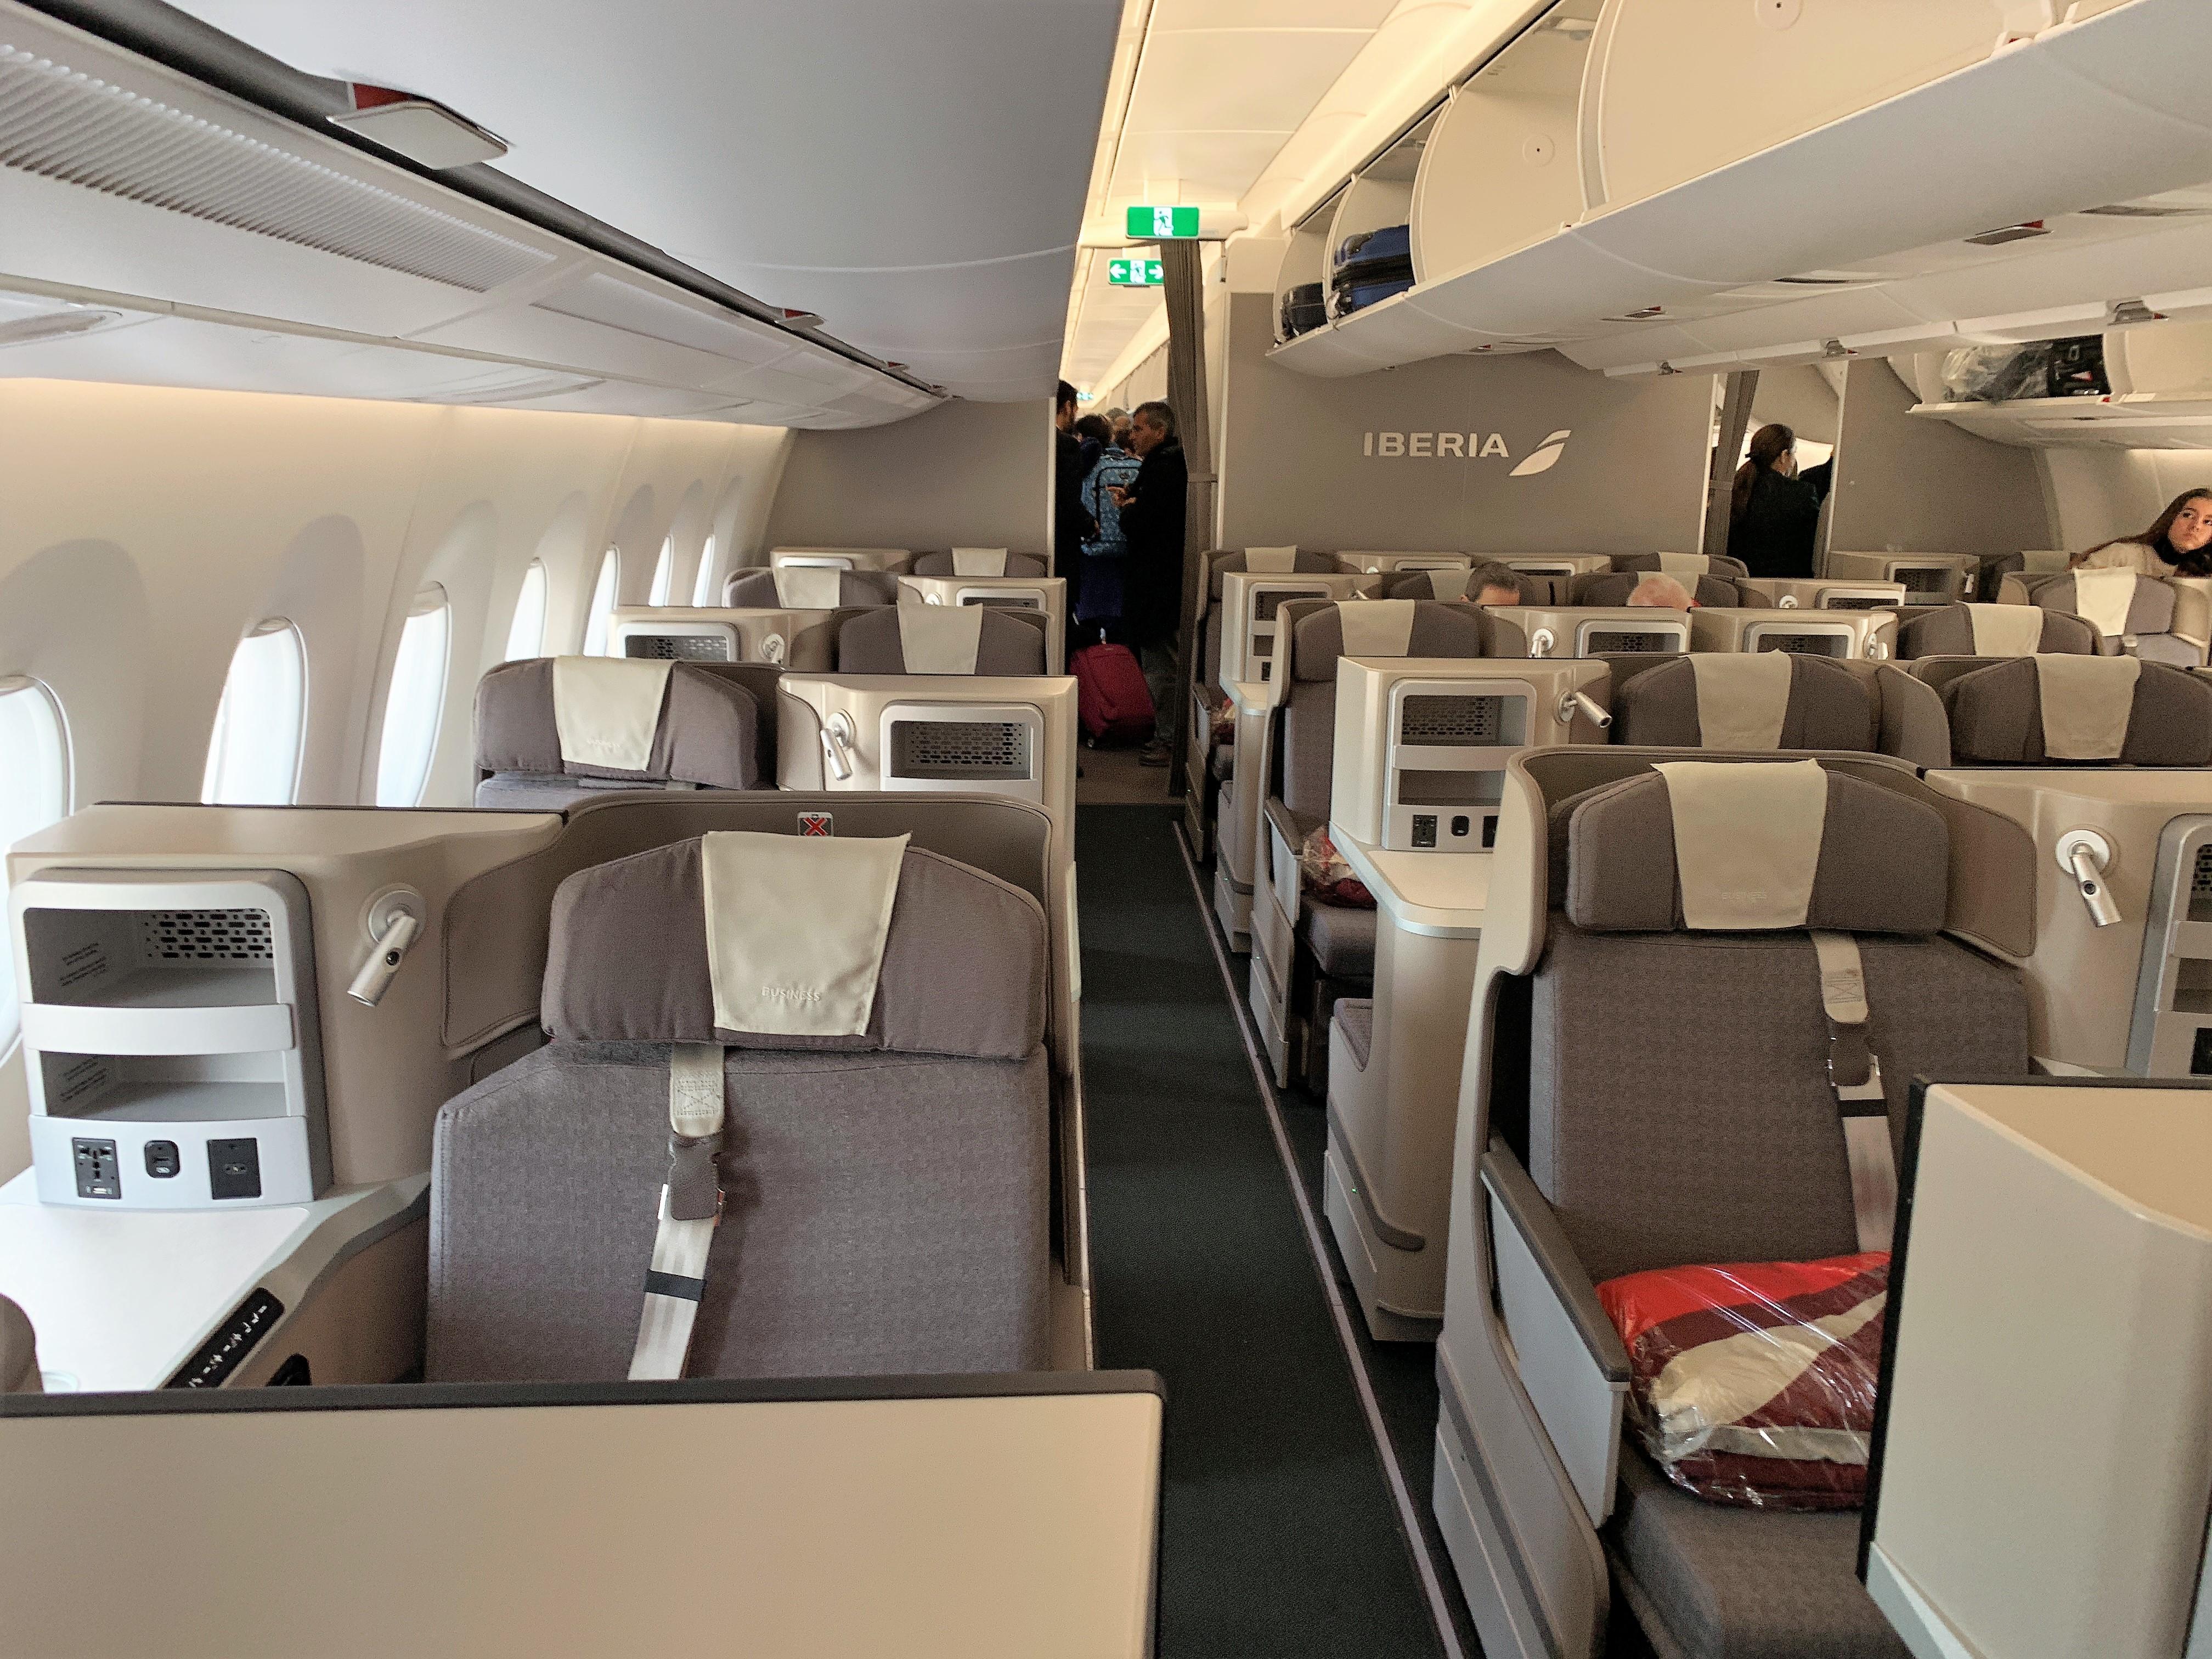 Iberia A350 business class cabin